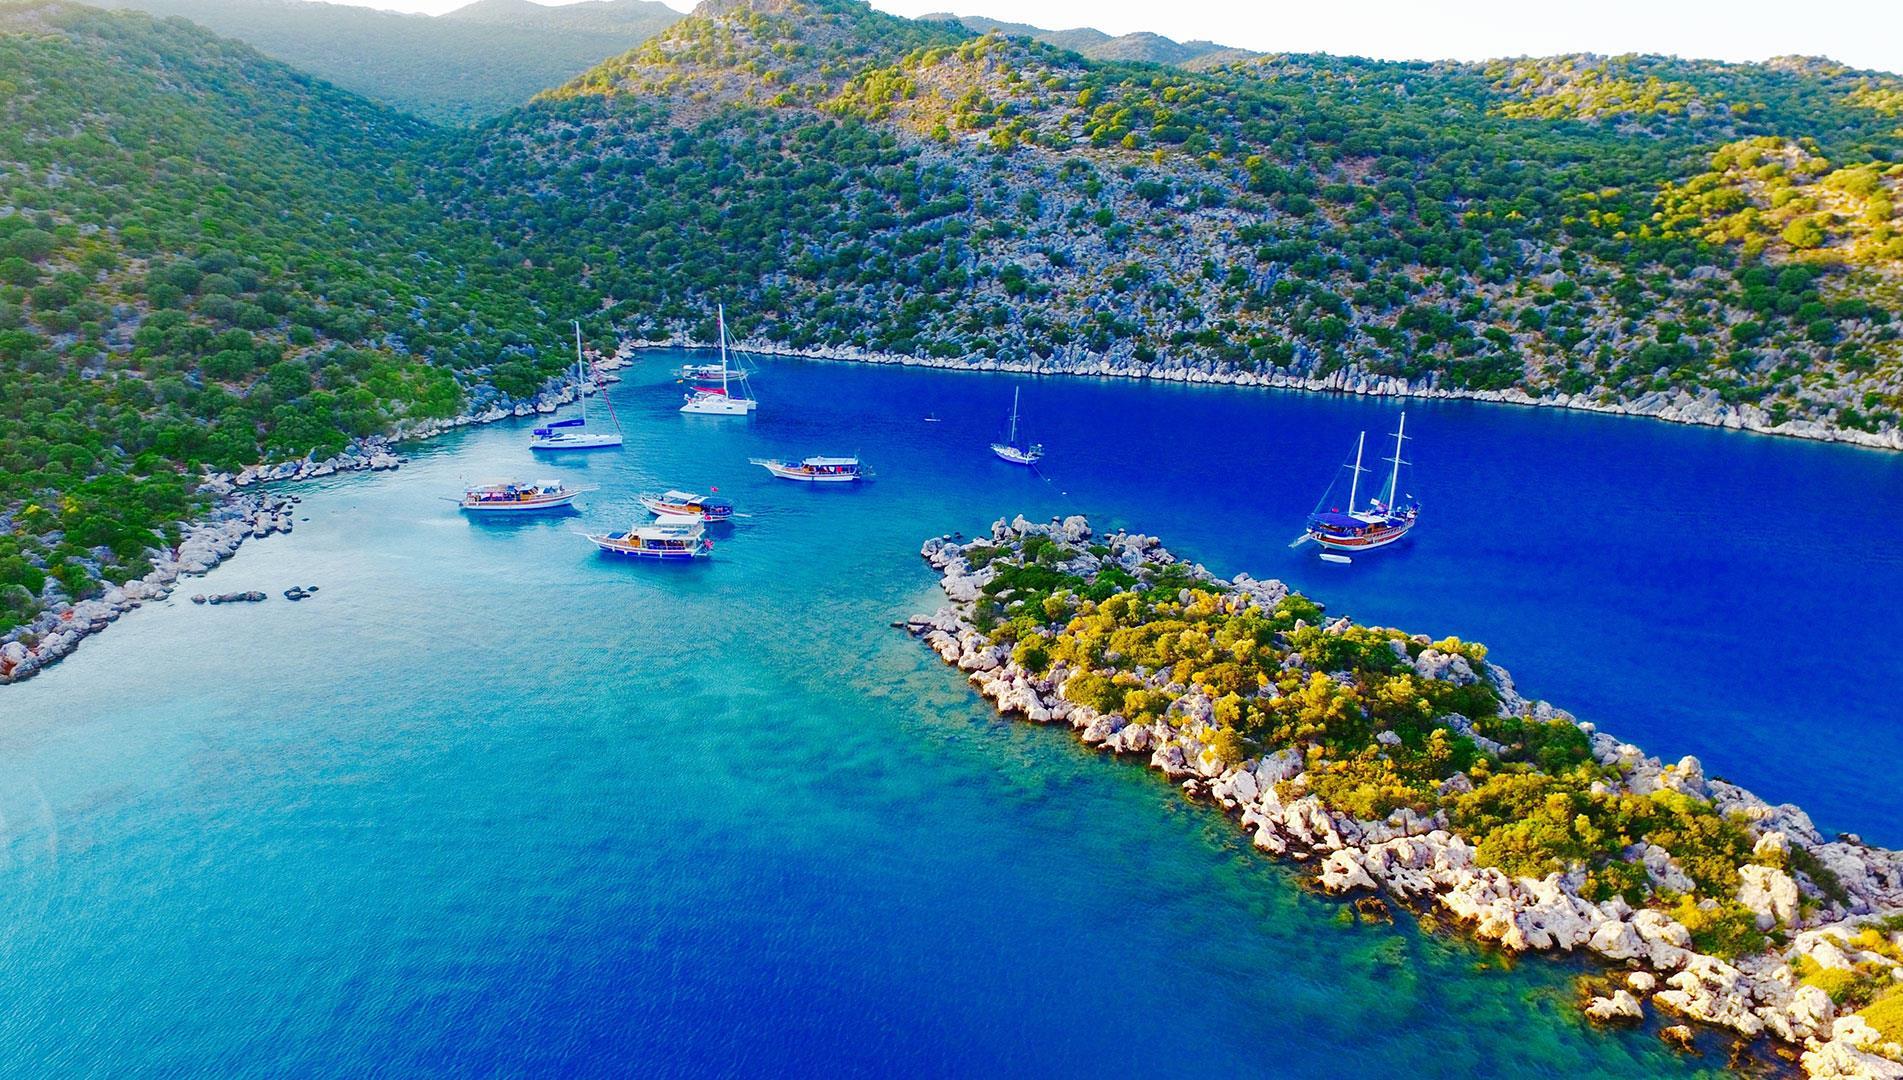 قبل السفر الى تركيا.. تعرف على ابرز المعالم السياحية التركية وطرق التنقل بين المدن بسهولة